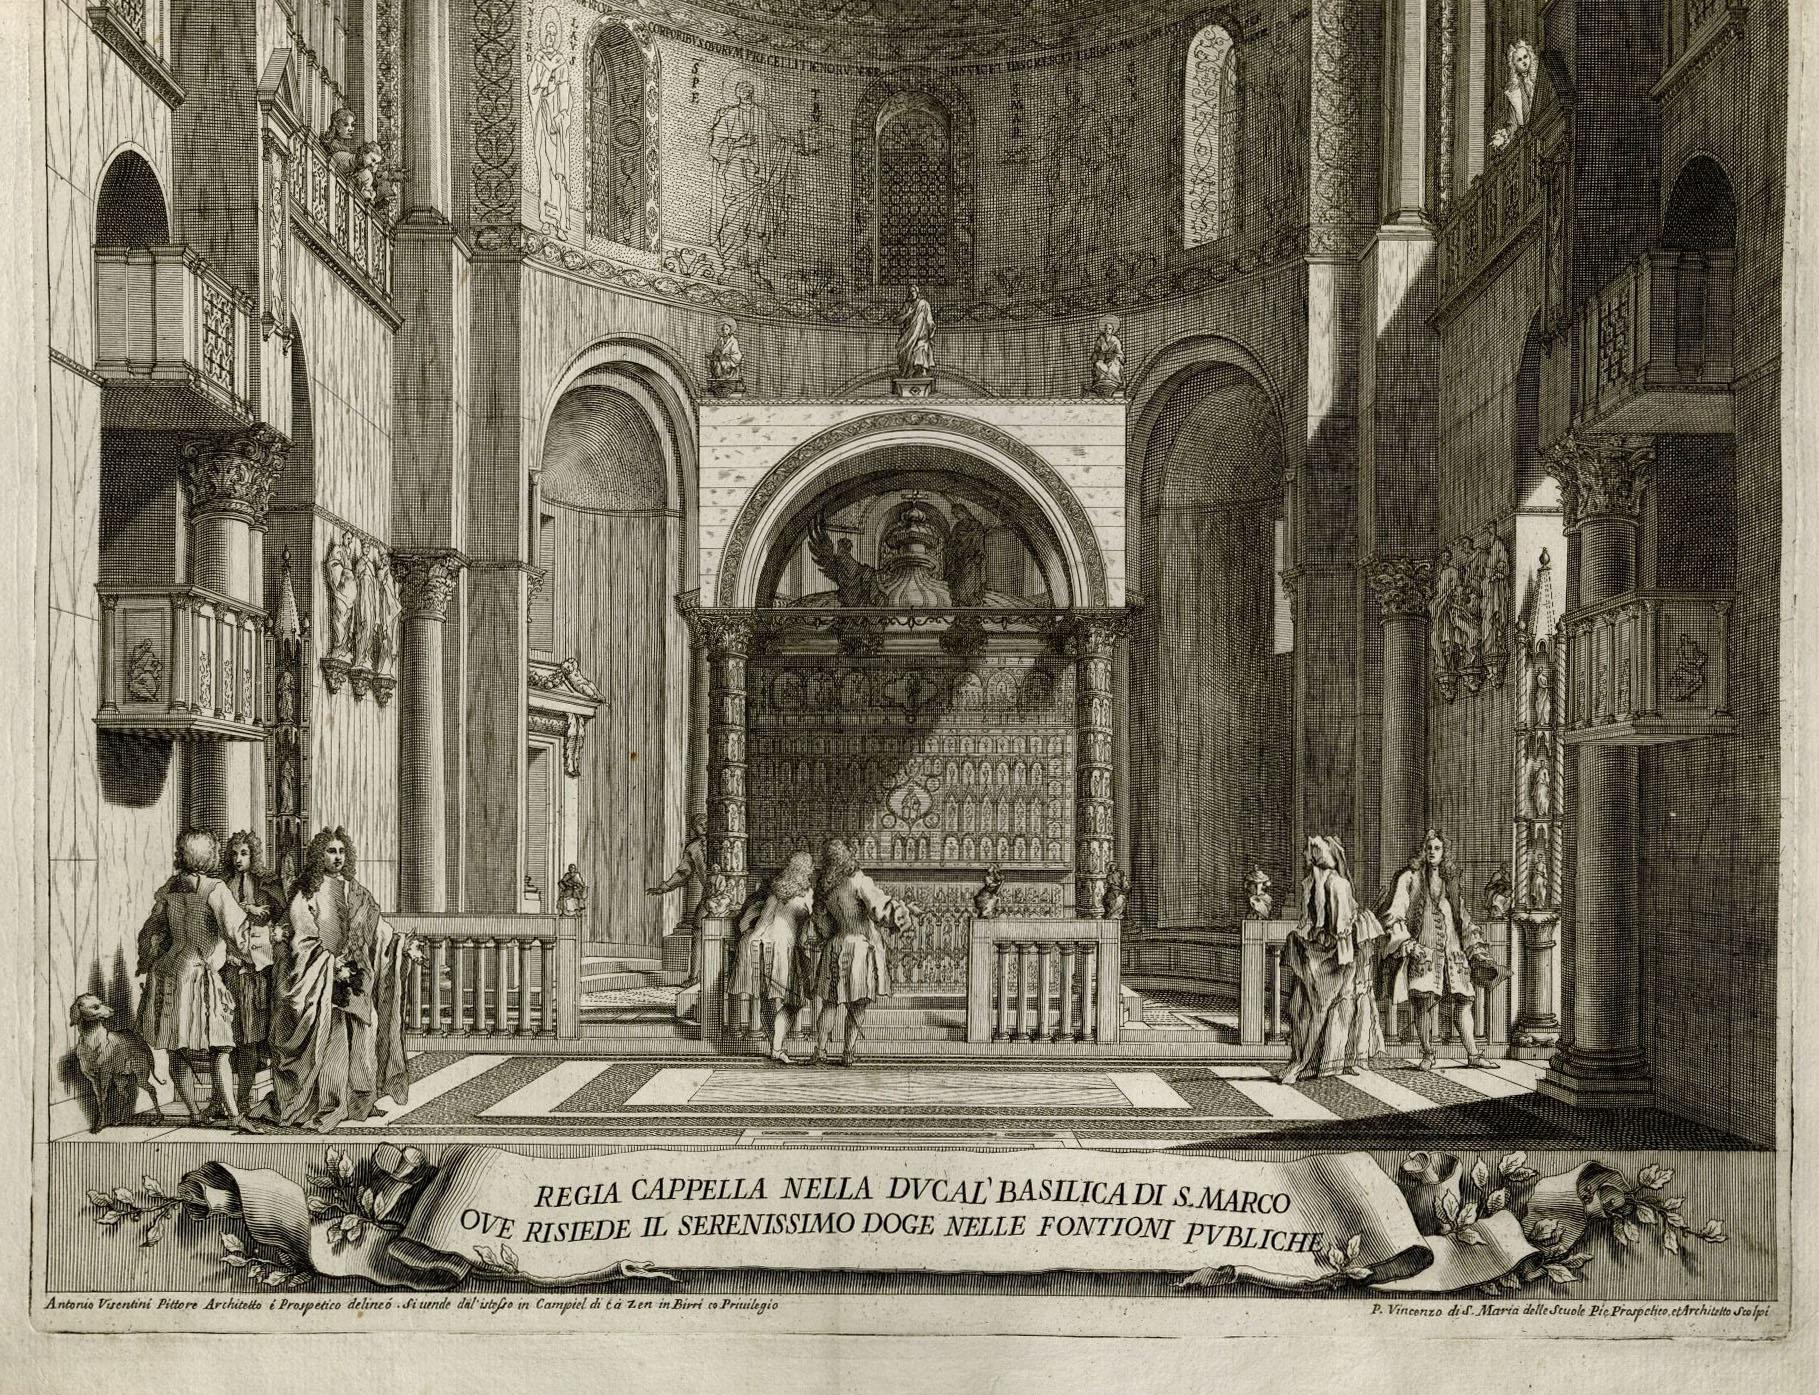 Visentini, Antonio, 1688-1782. Iconografia della Ducal Basilica dell'Evangelista S. Marco (detail). Venice, 1726. 2013H-12